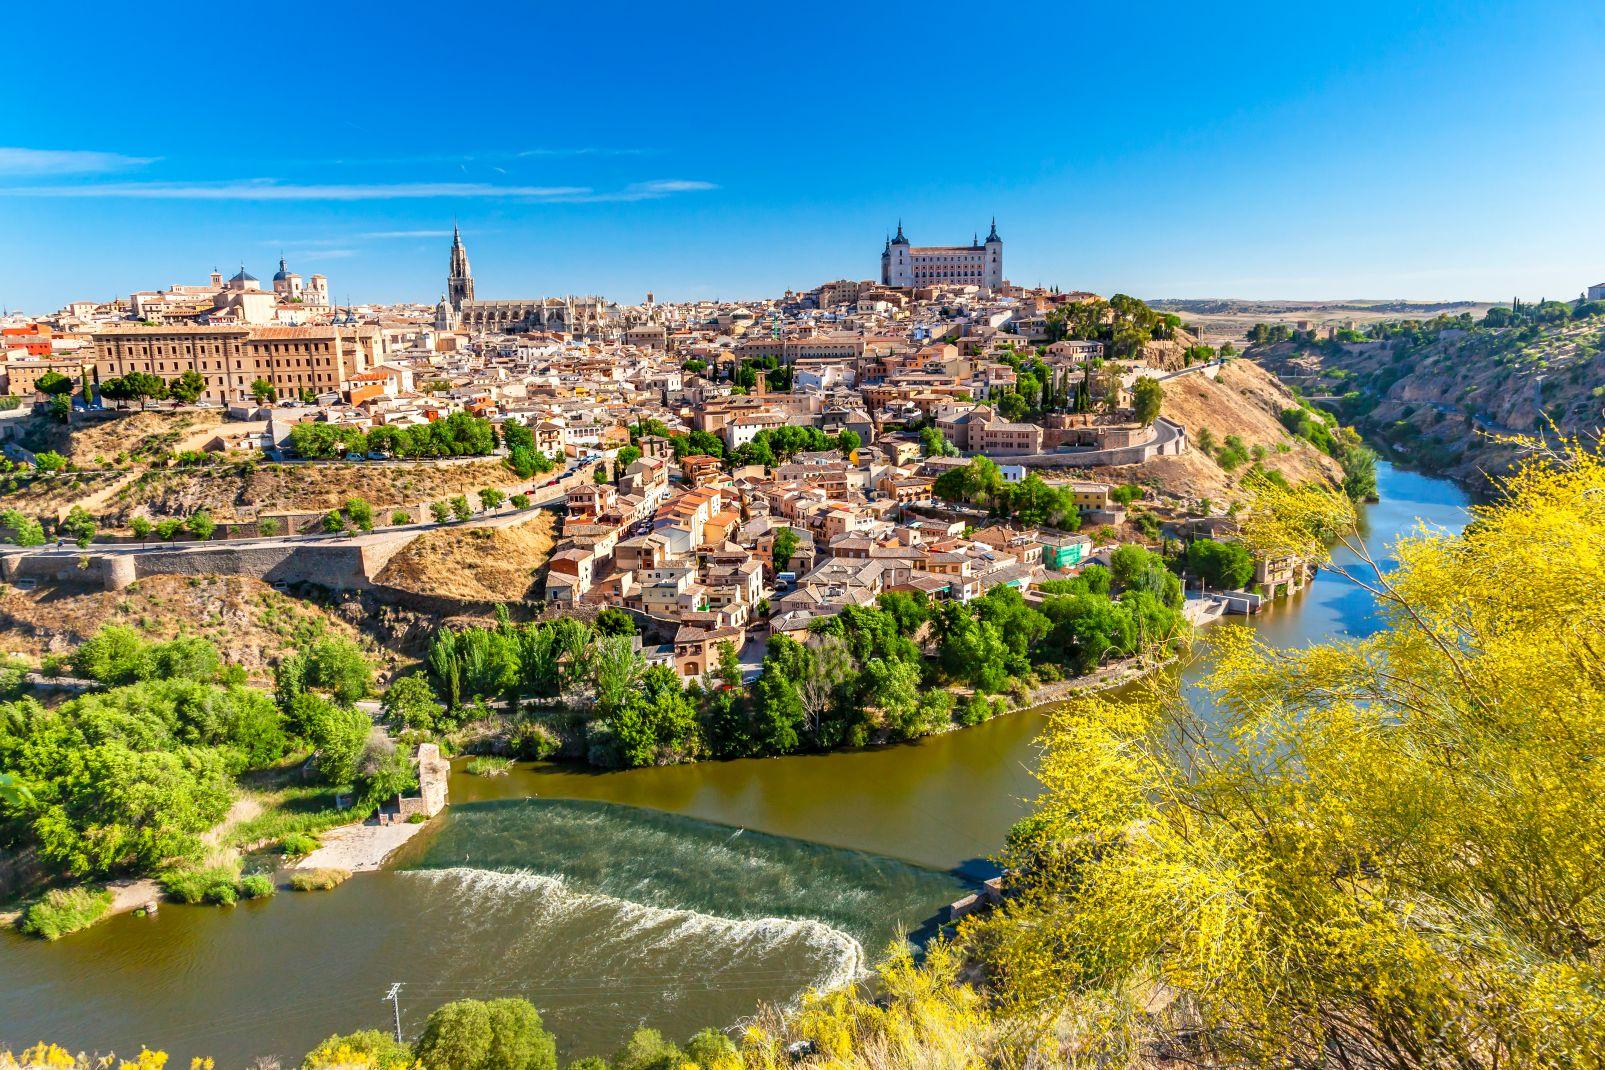 Kastilien la Mancha, Spanien